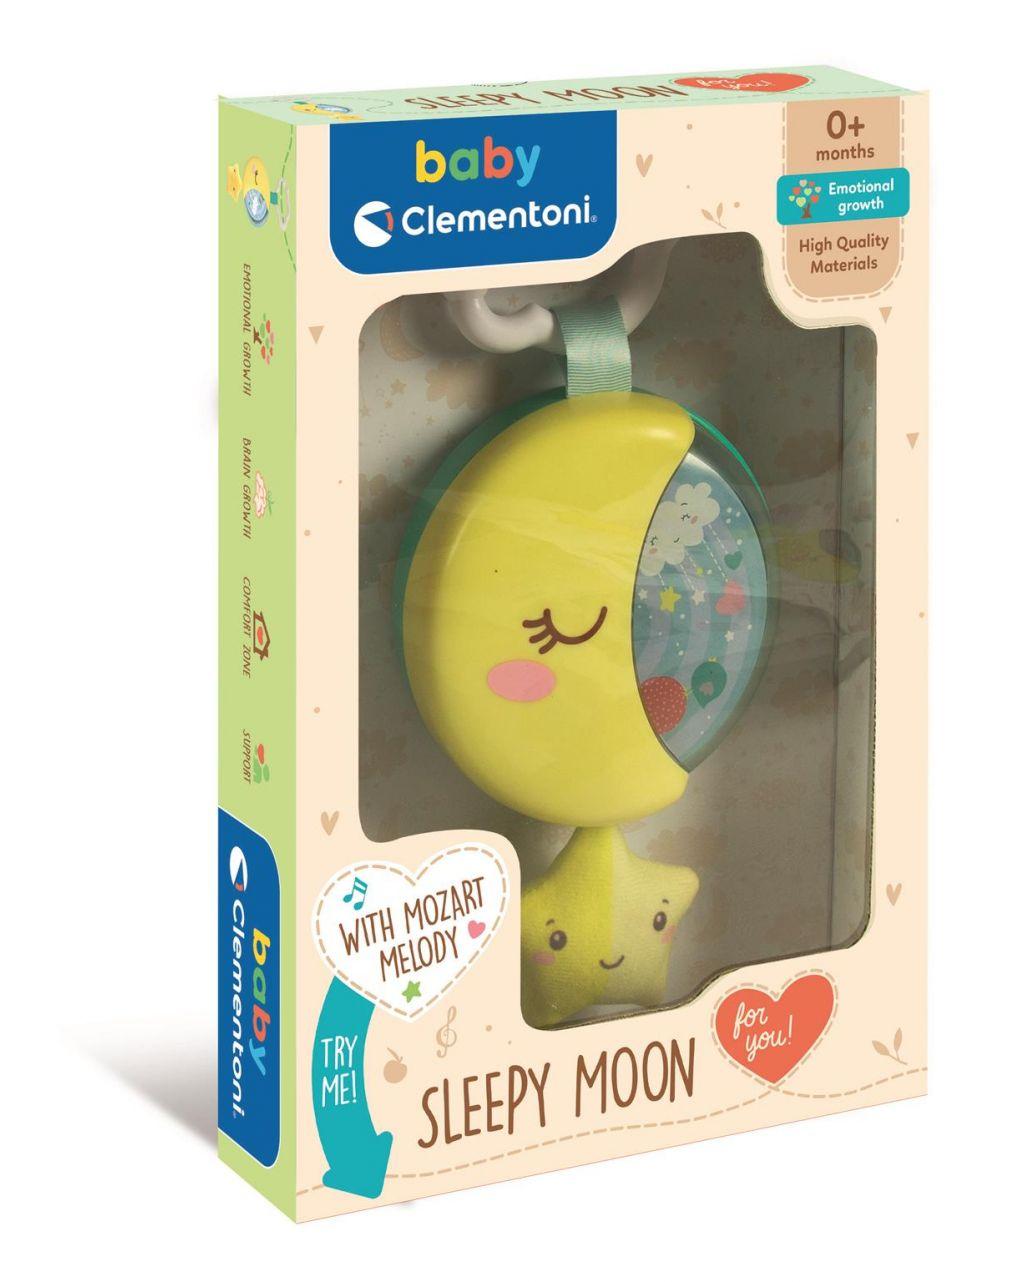 Baby clementoni - sleepy moon - Clementoni